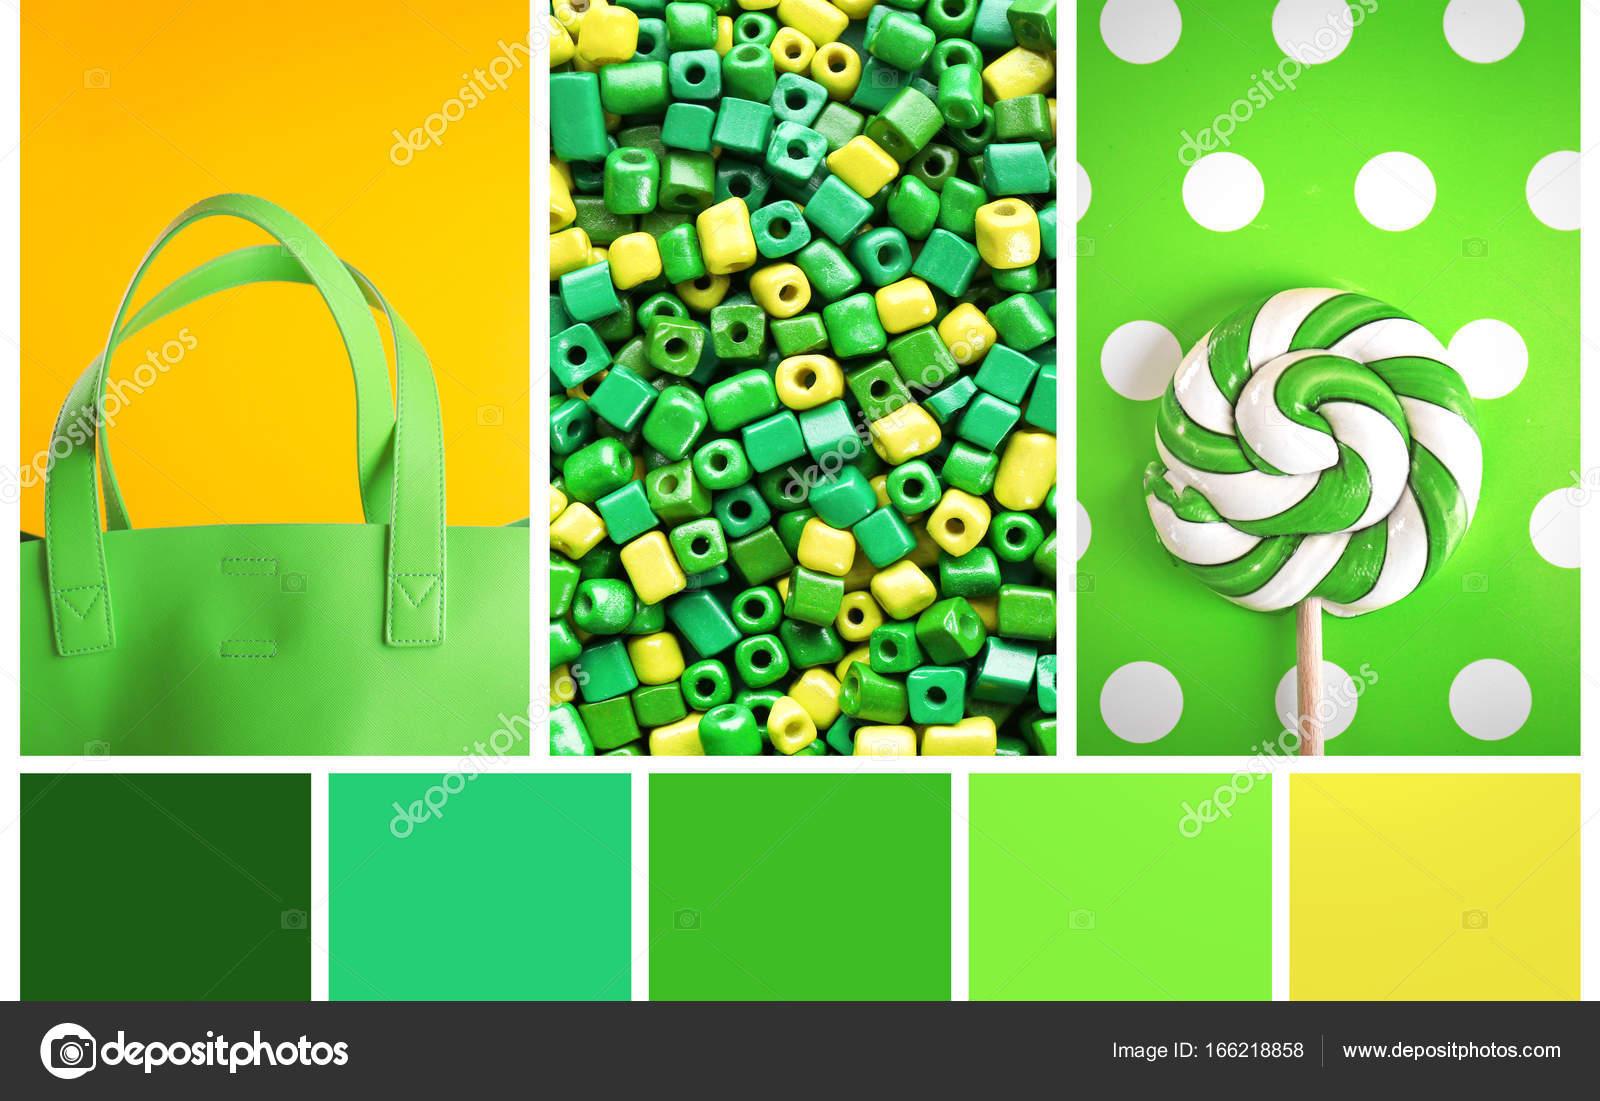 Paleta de color verde foto de stock belchonock 166218858 - Colores verdes para paredes ...